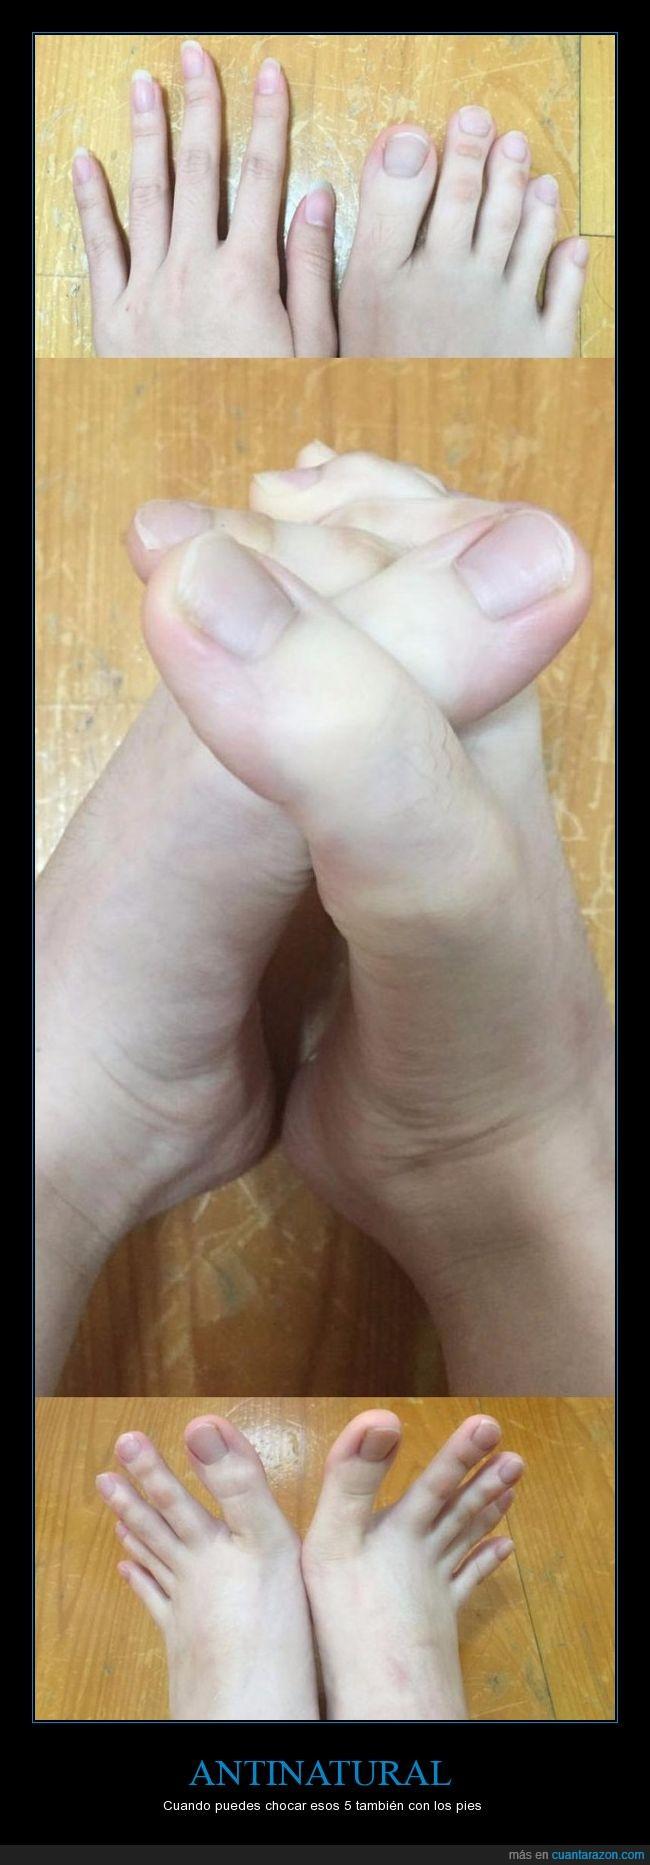 dedos,malformación,pies,raro